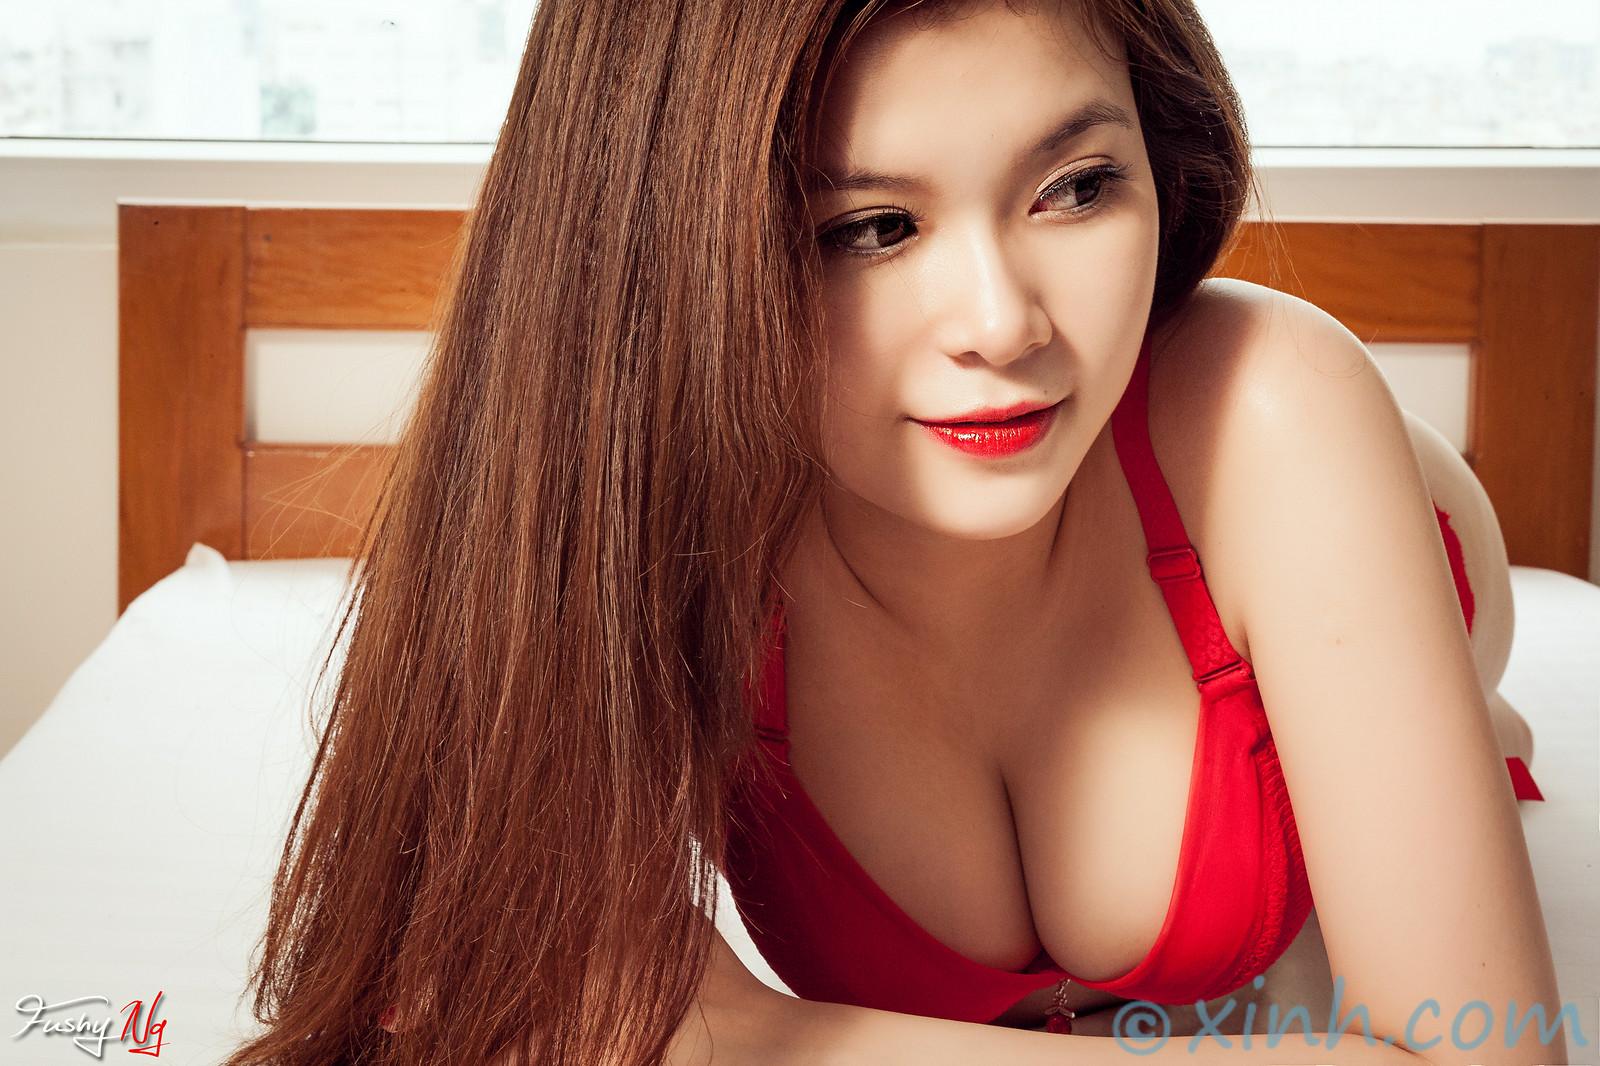 Ảnh gái đẹp HD Hàng Việt Nam chất lượng cao